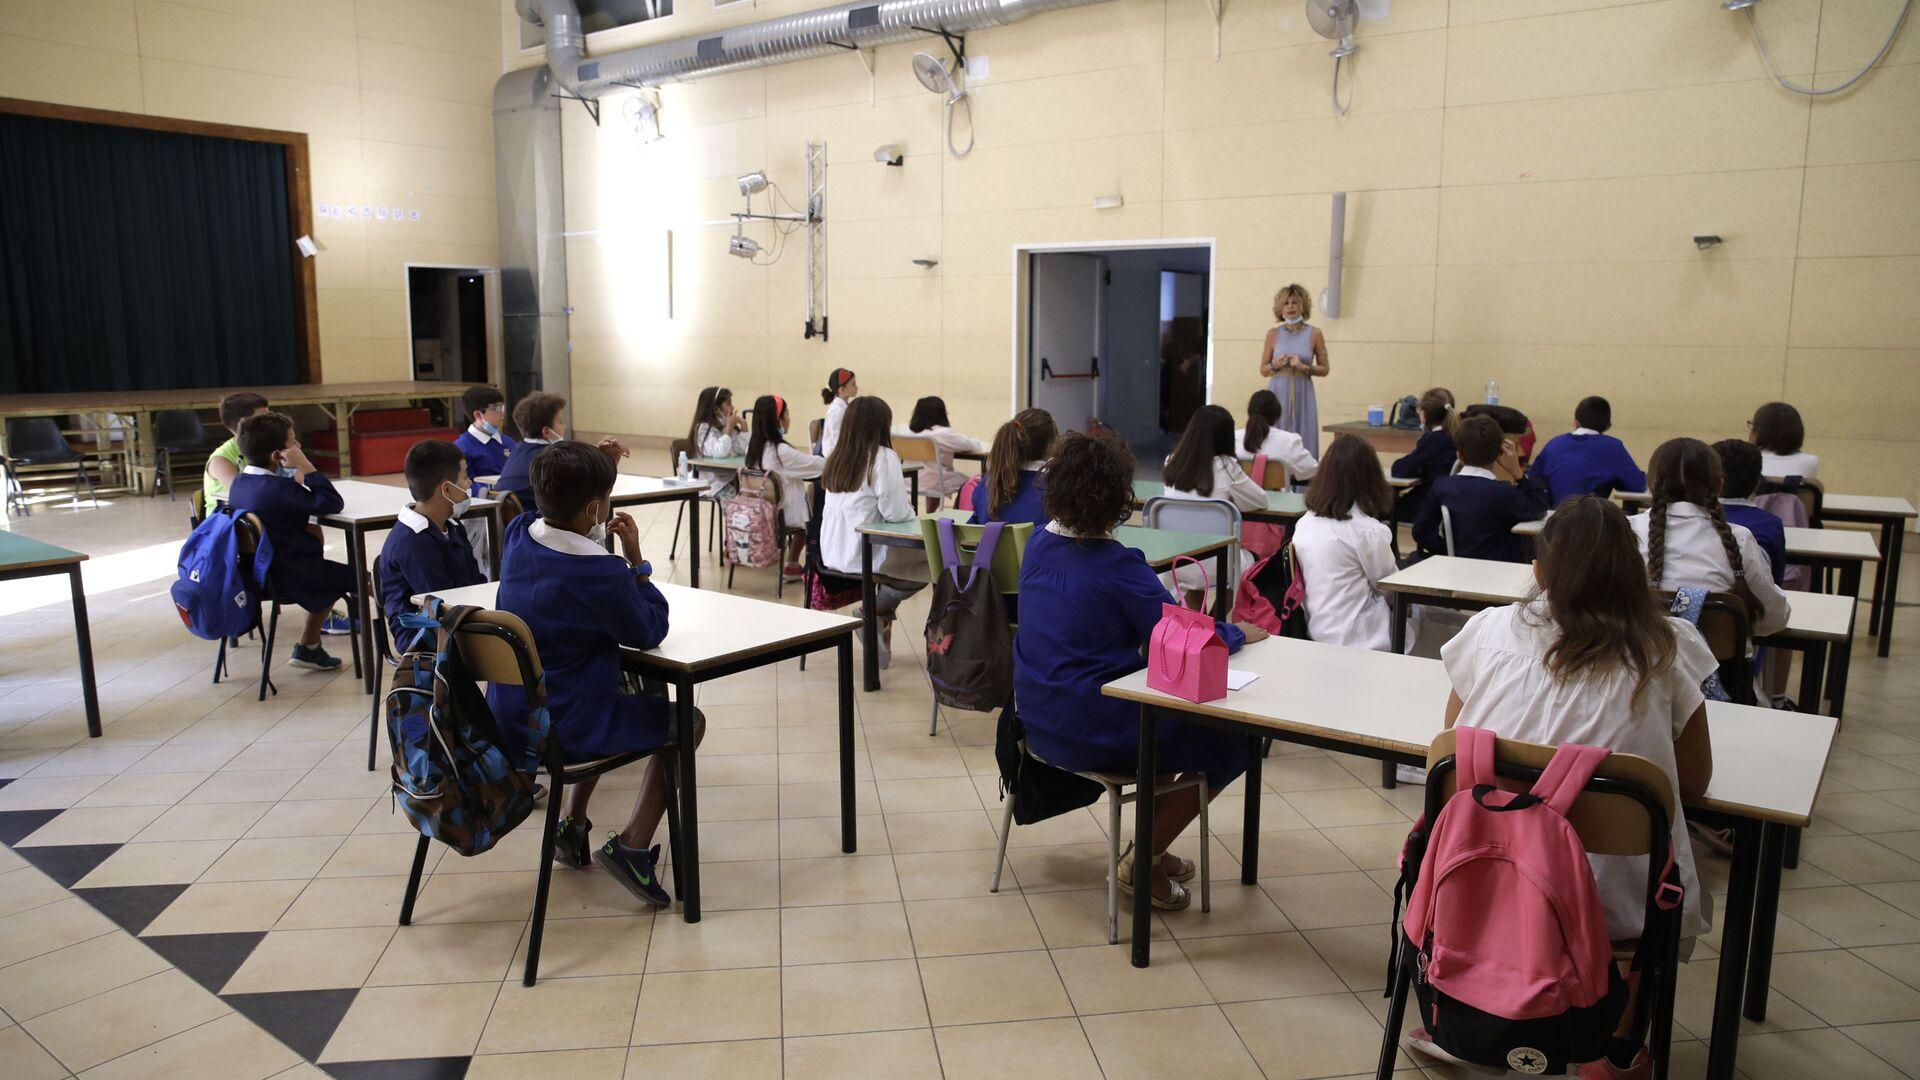 Lezione in una delle scuole a Roma dopo la riapertura, Italia - Sputnik Italia, 1920, 07.06.2021